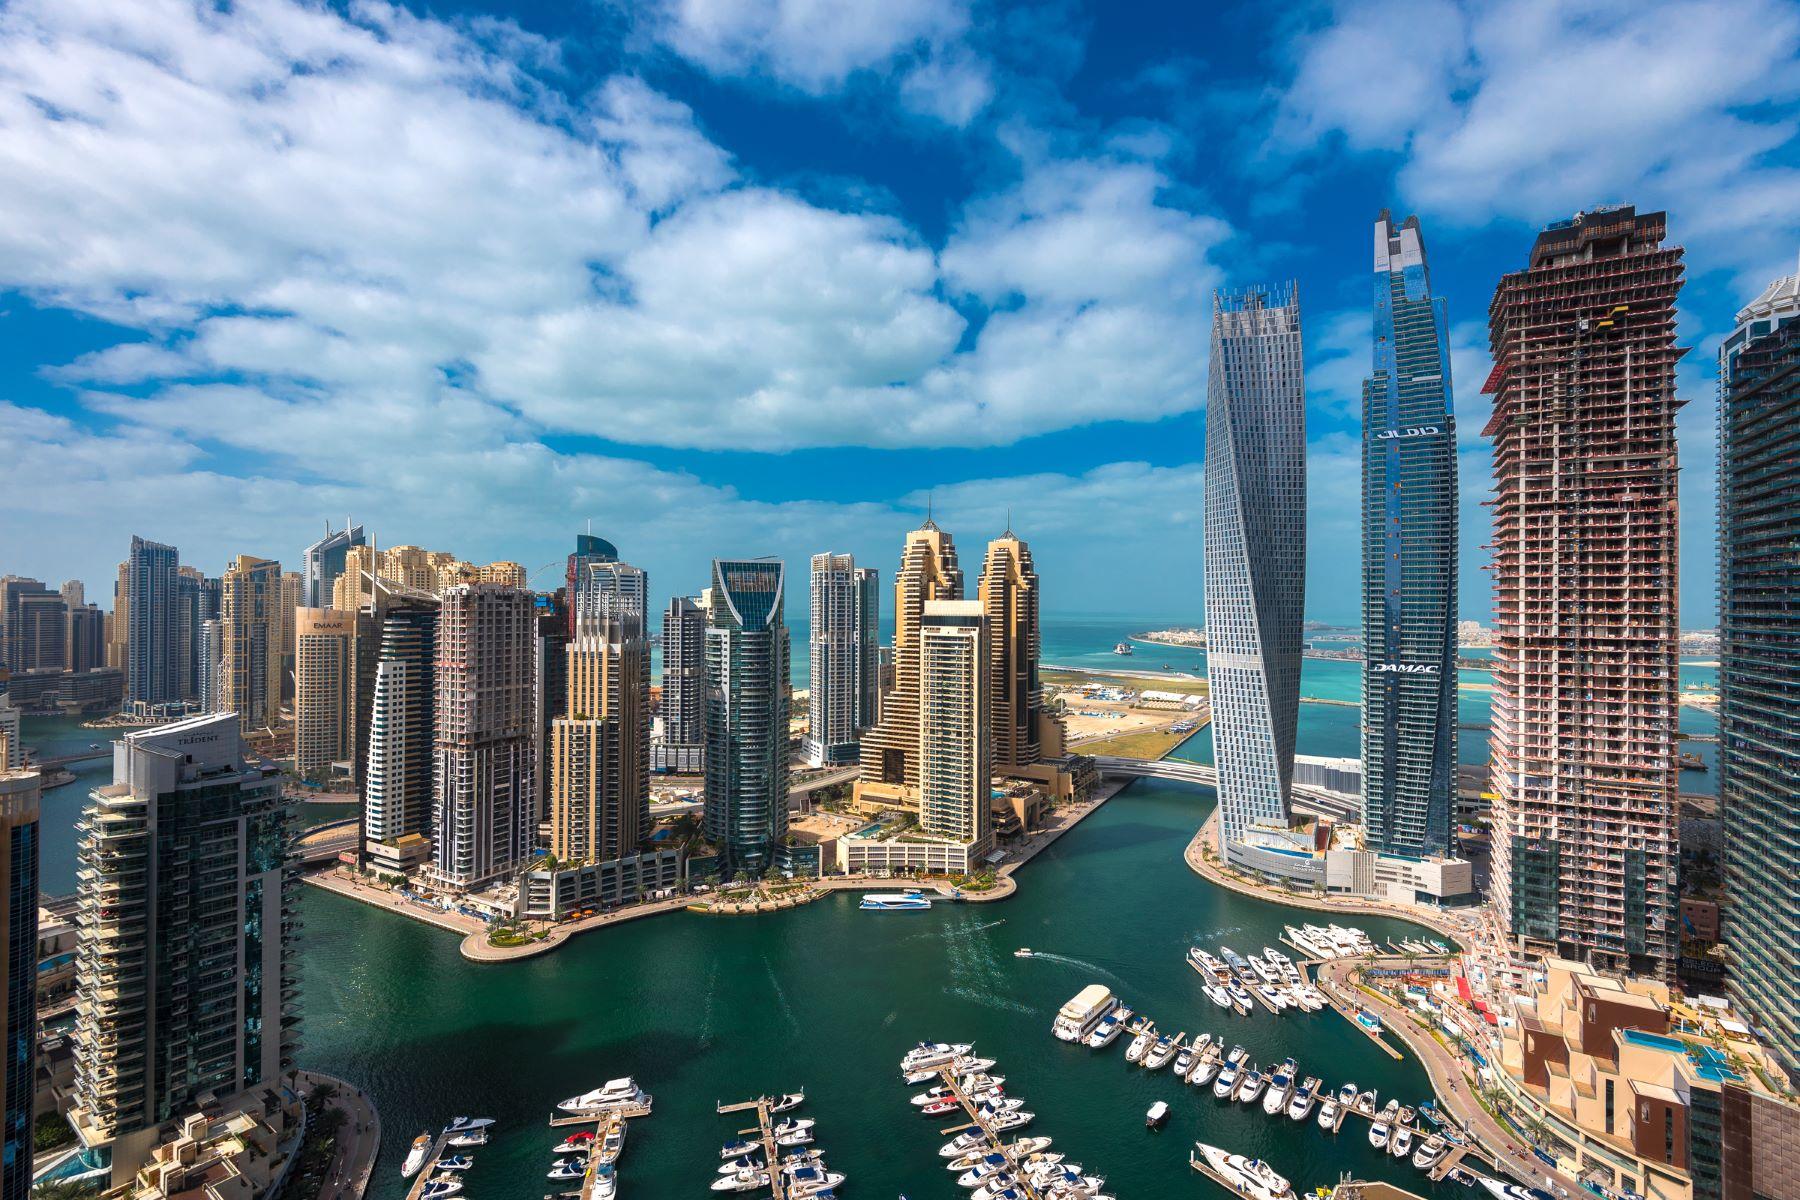 дуплекс для того Продажа на Emaar Original Six Dubai Marina, Dubai, Объединенные Арабские Эмираты